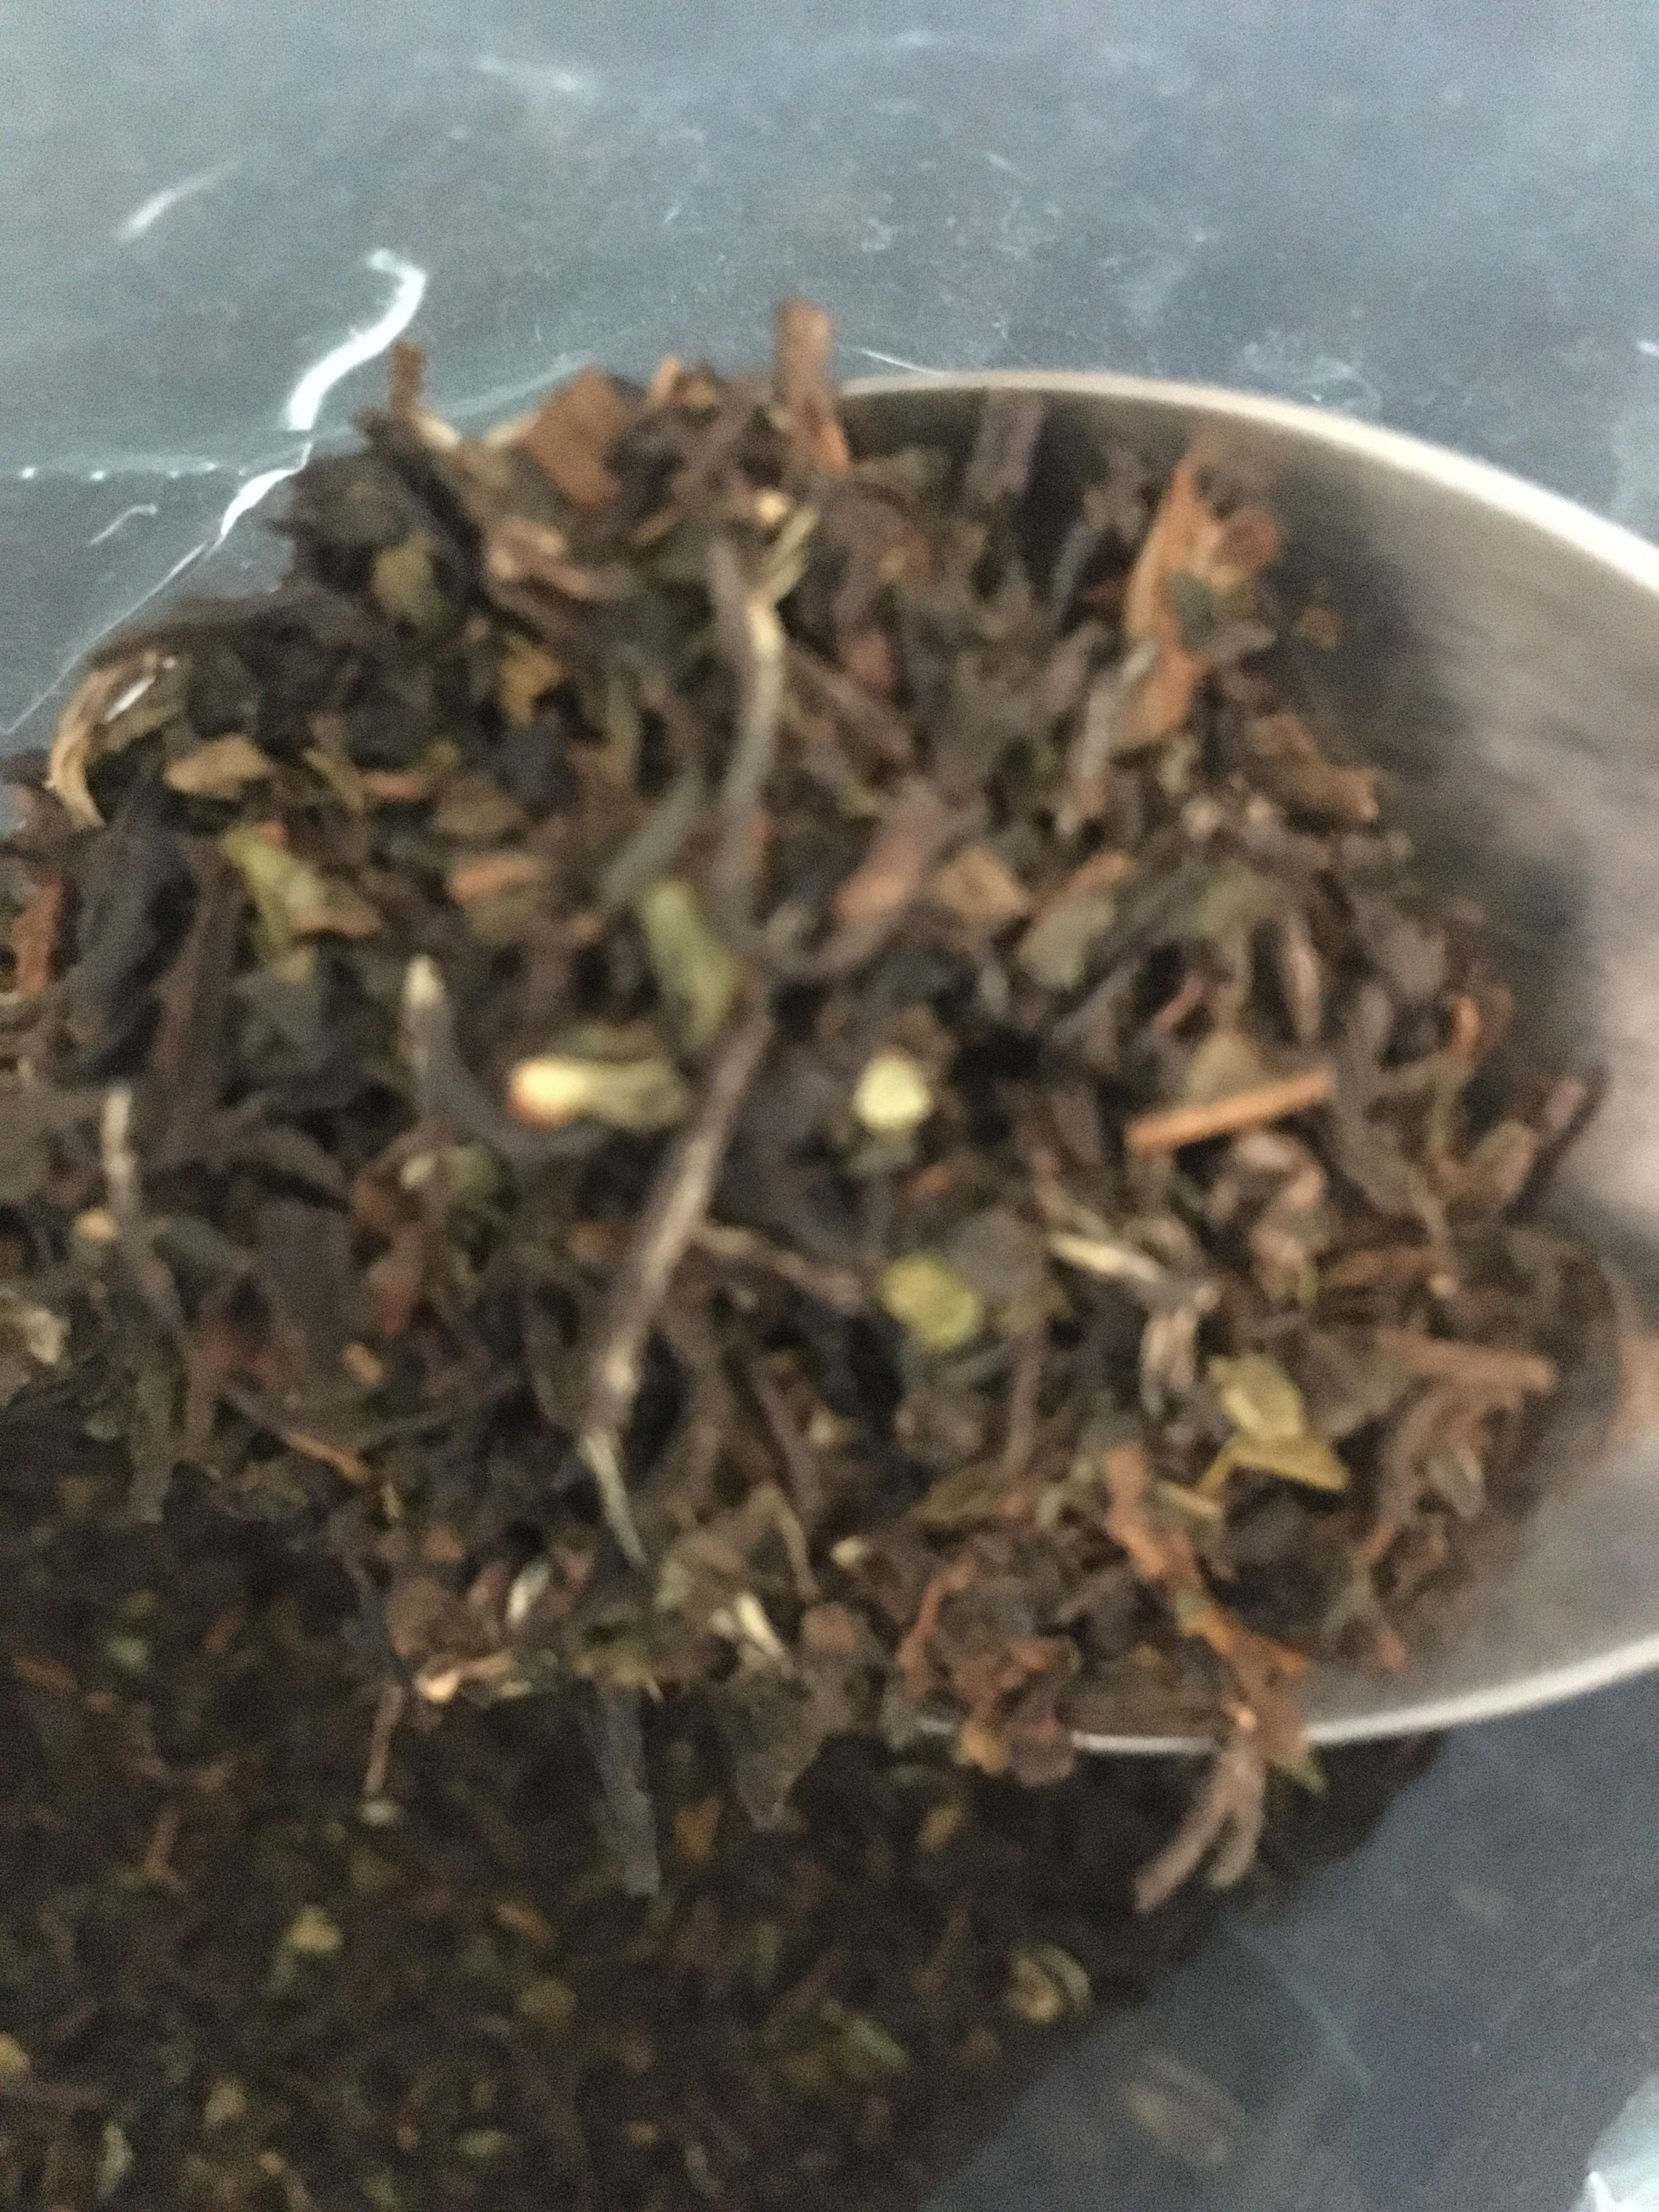 アールグレイティー(紅茶) 50g - 画像1